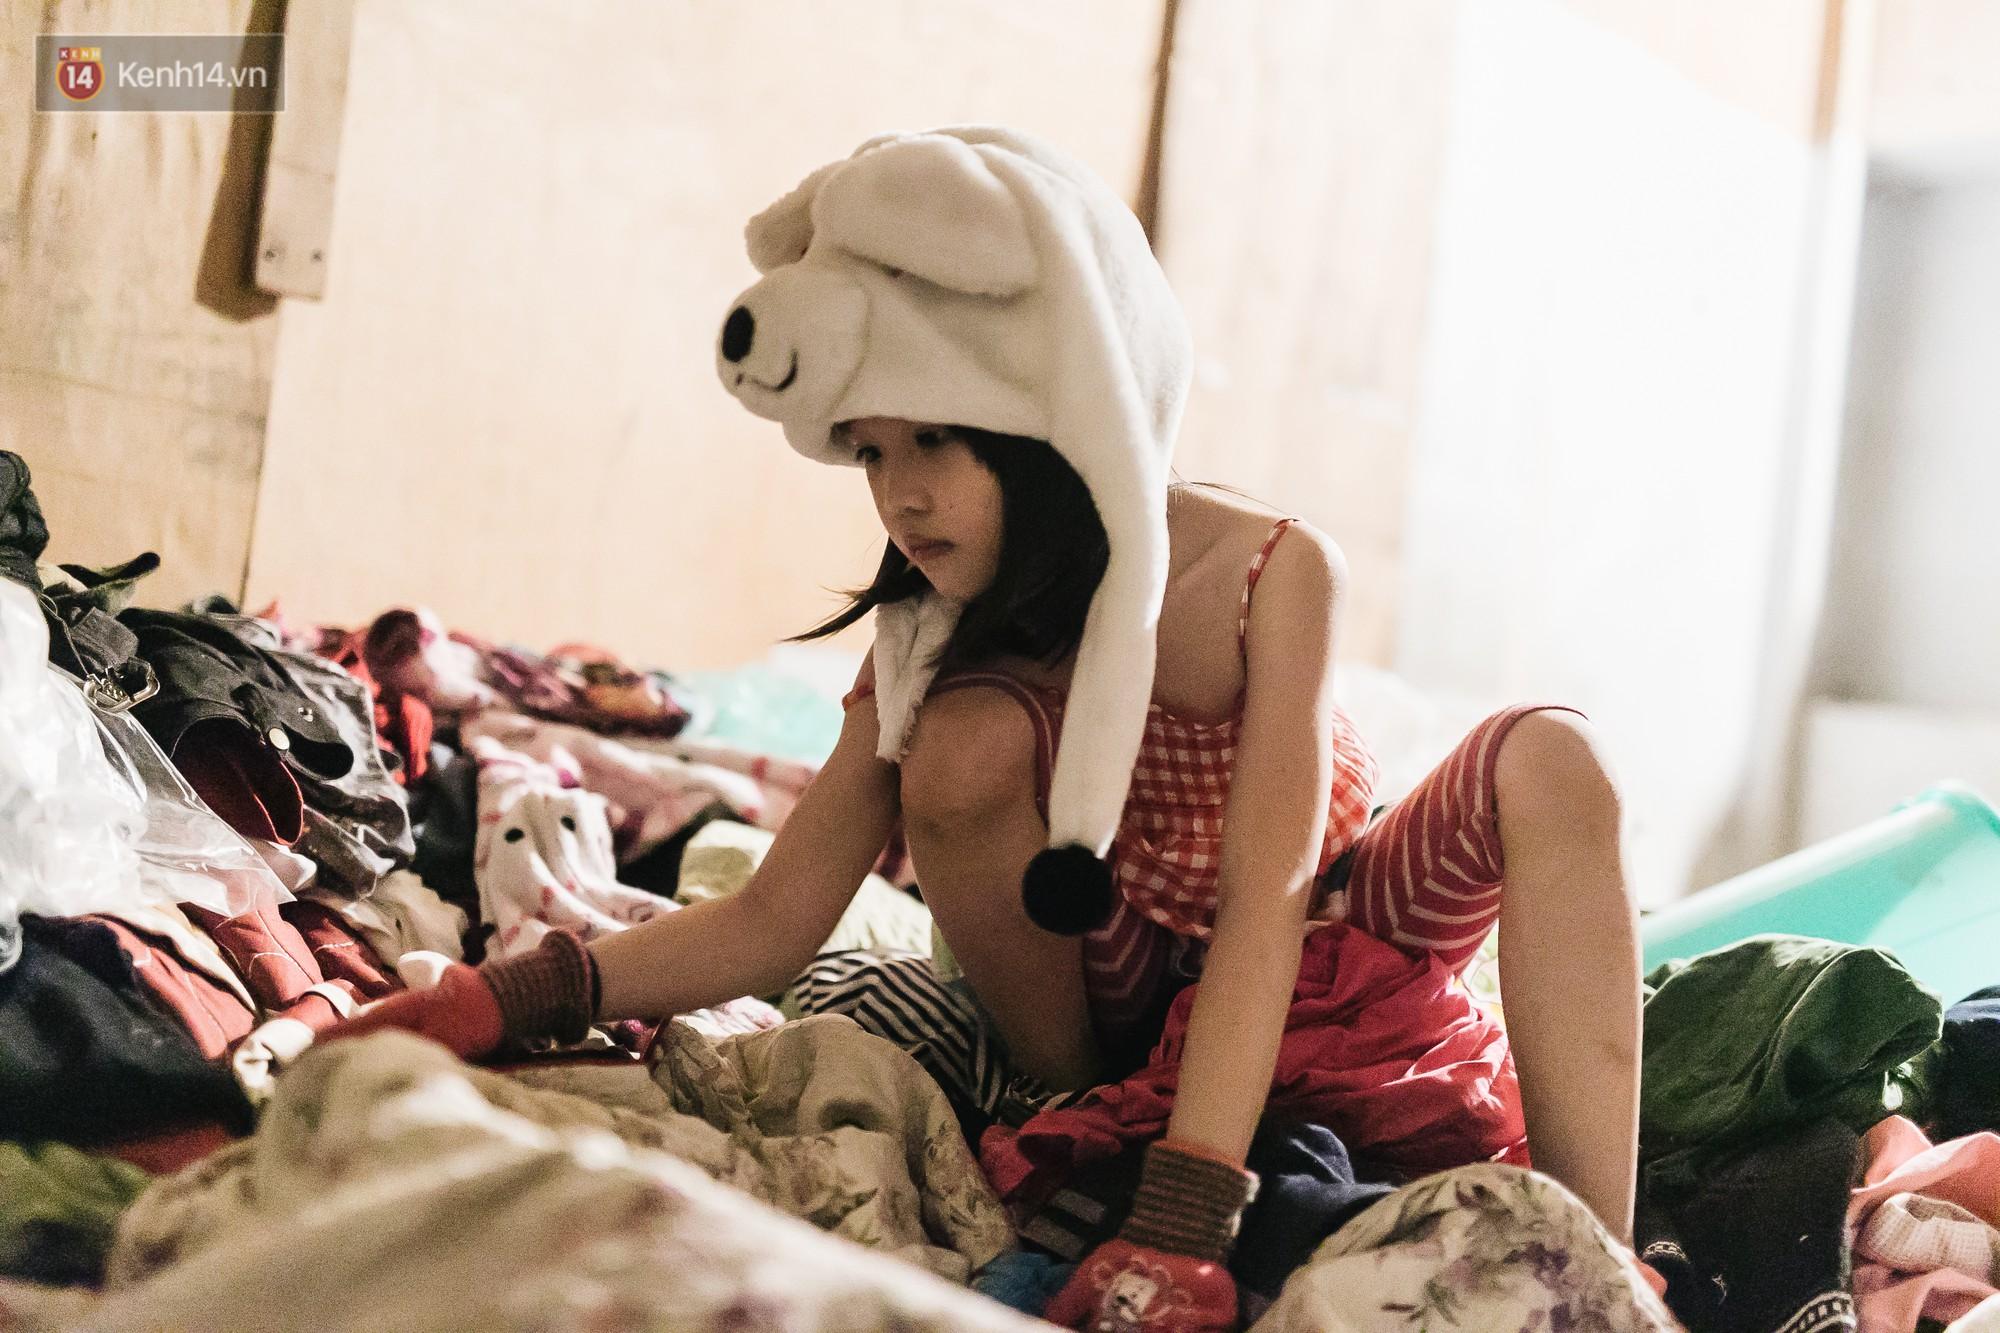 Bất ngờ nổi tiếng sau 1 đêm, bé gái 6 tuổi phối đồ chất ở Hà Nội trở về những ngày lang thang bán hàng rong cùng mẹ-10